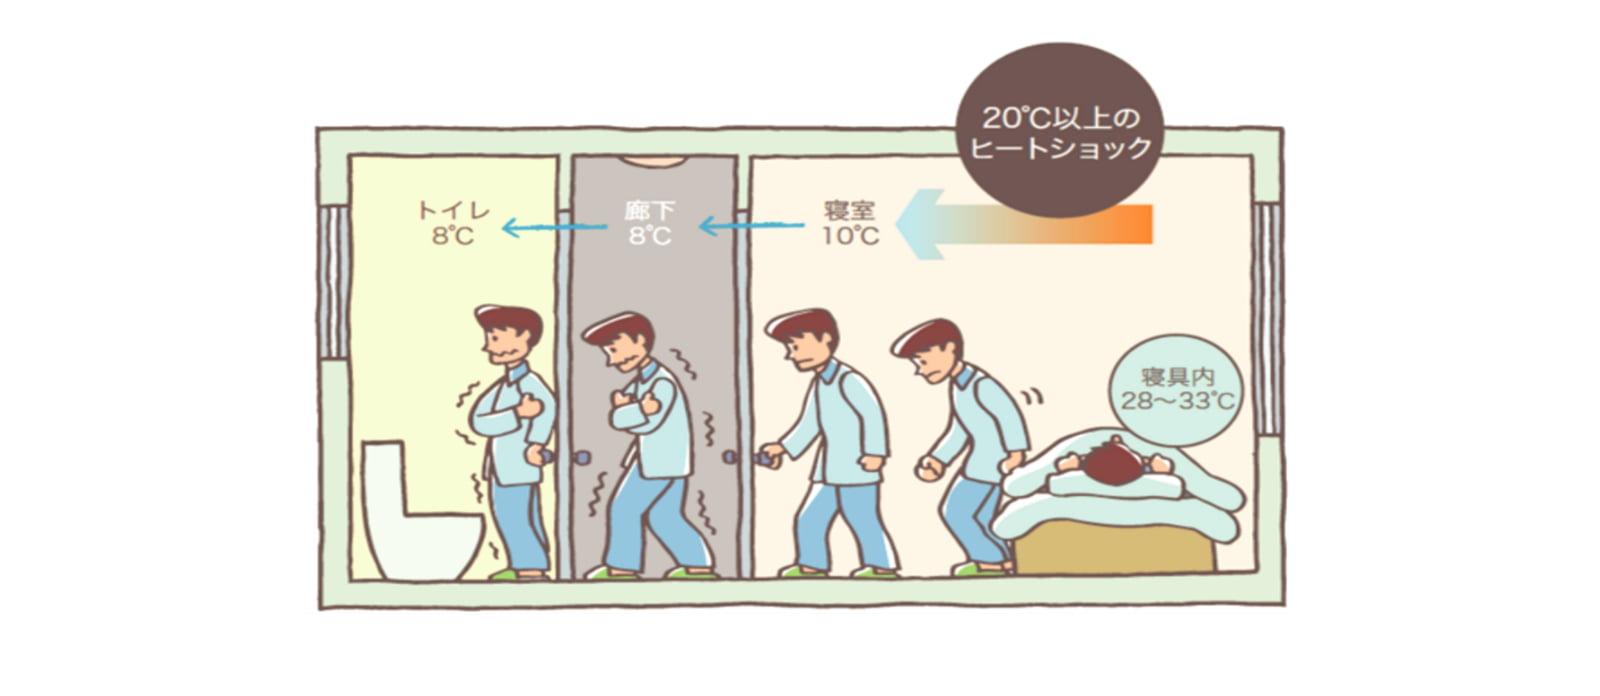 高気密高断熱の家に住んで実感した健康改善の効果